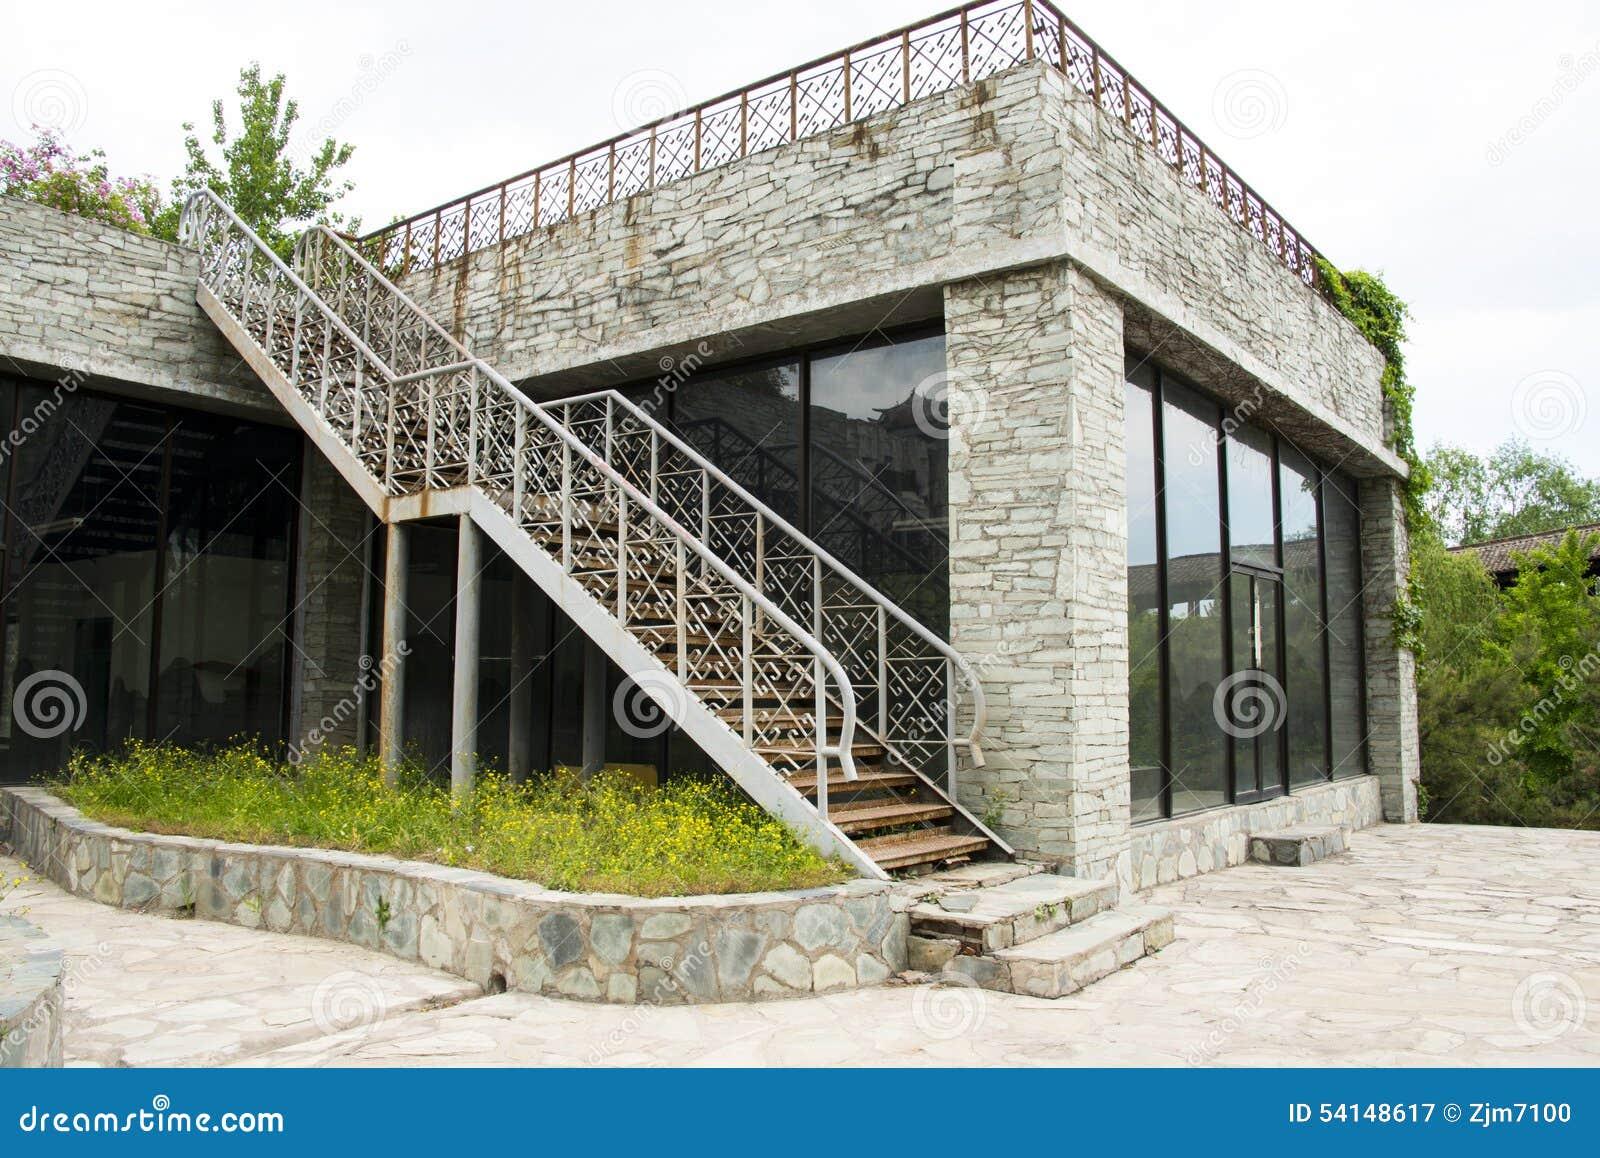 H escadas fora da casa fotografia editorial imagem for Escaleras por fuera de la casa